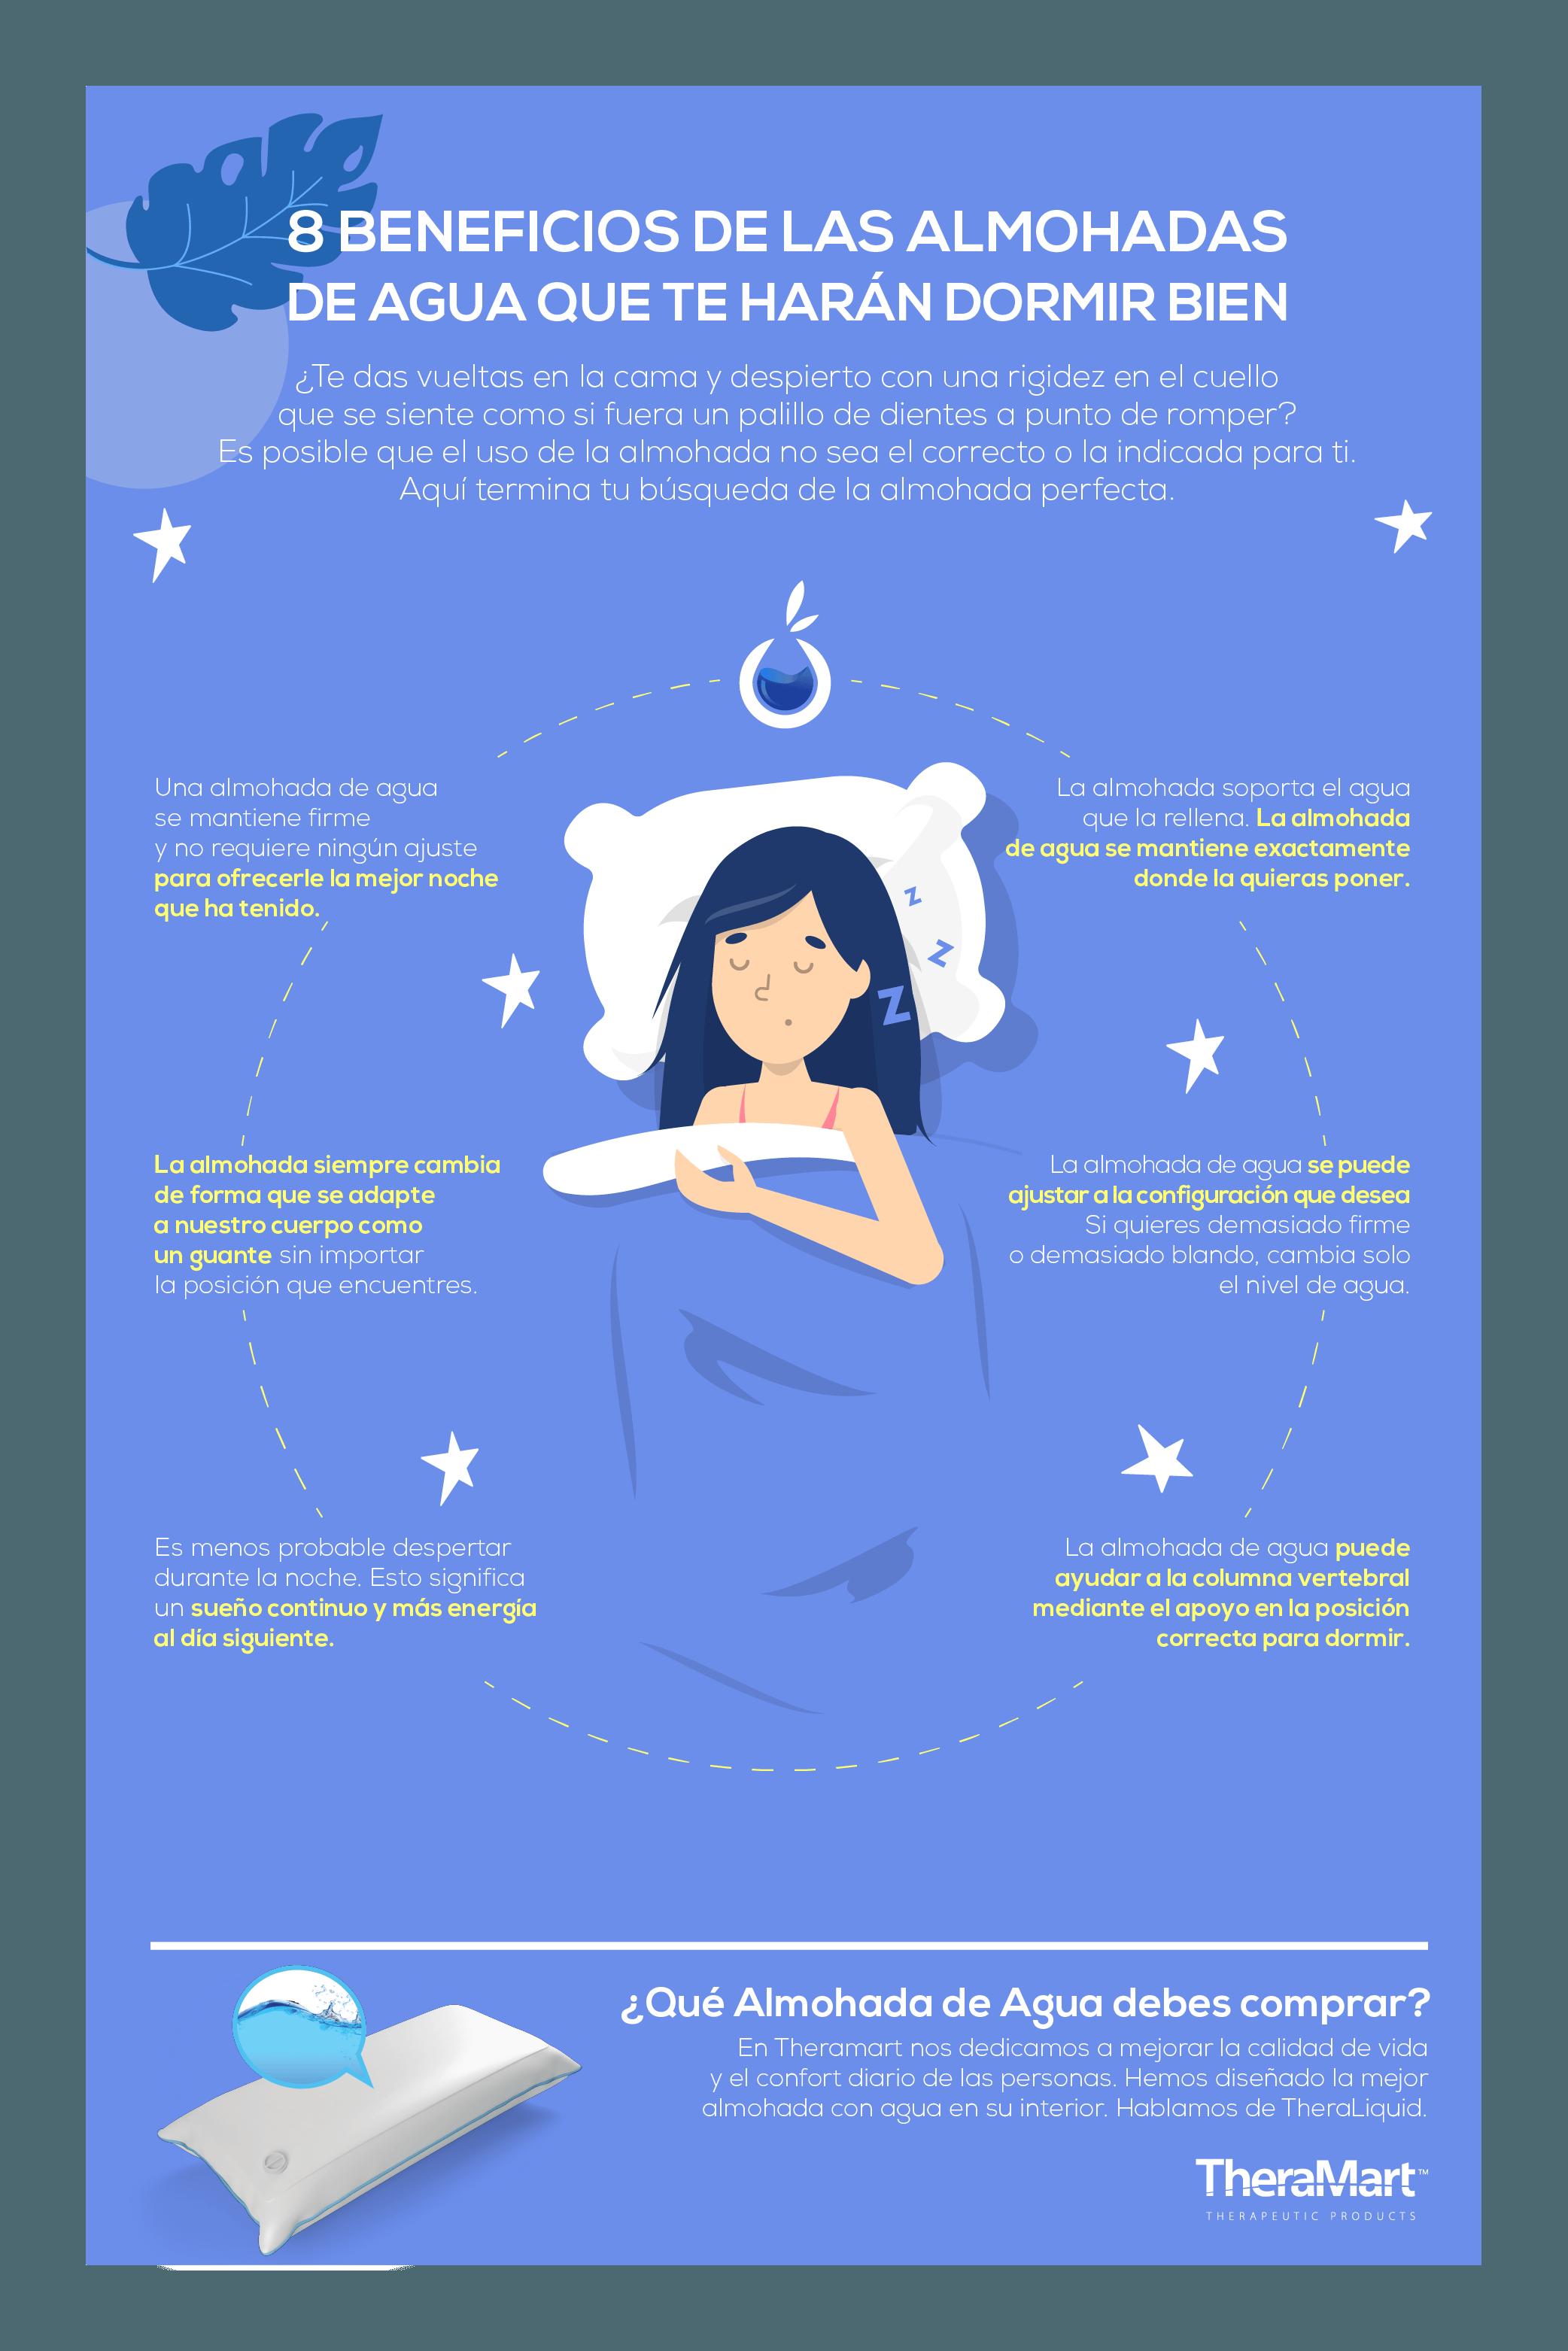 8 beneficios que nos proporciona el agua